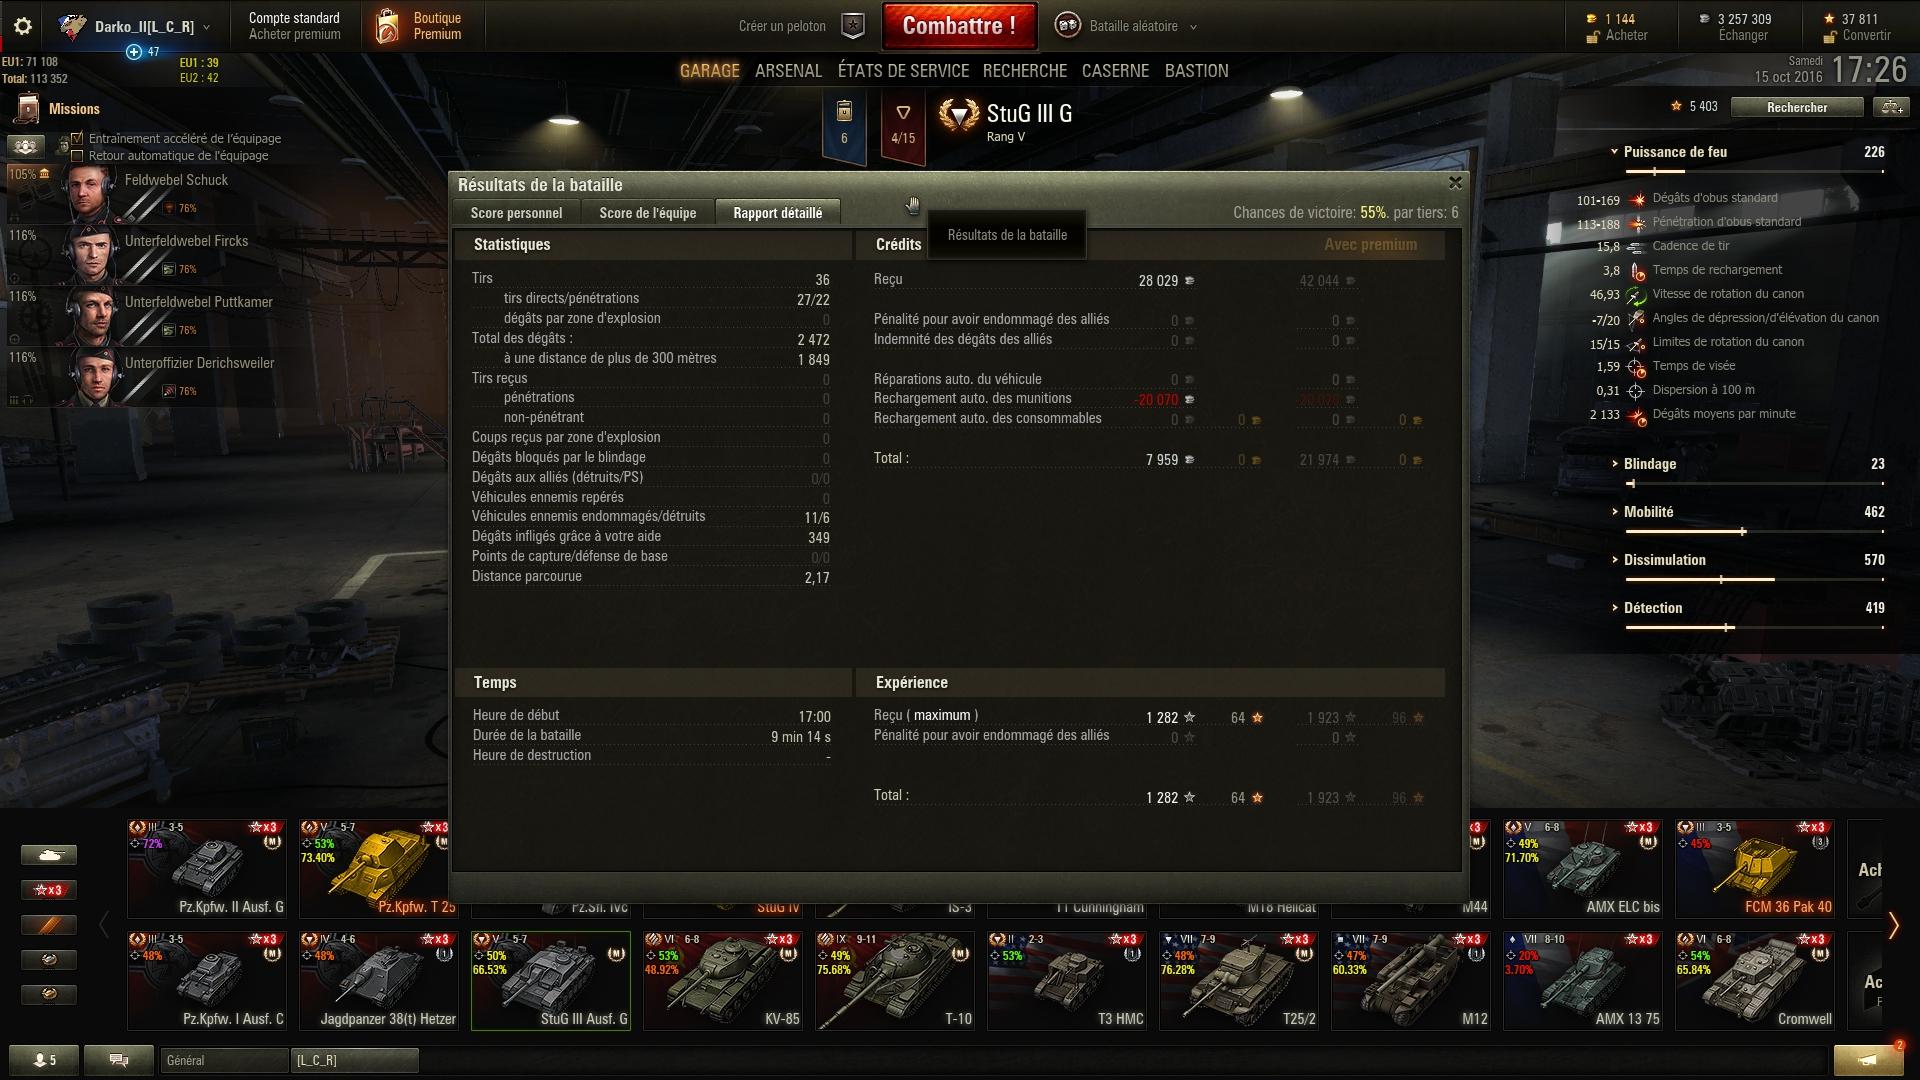 Stug III G - 2.5k dégâts - Une de mes meilleures parties depuis que je joue à WoT 955926shot010